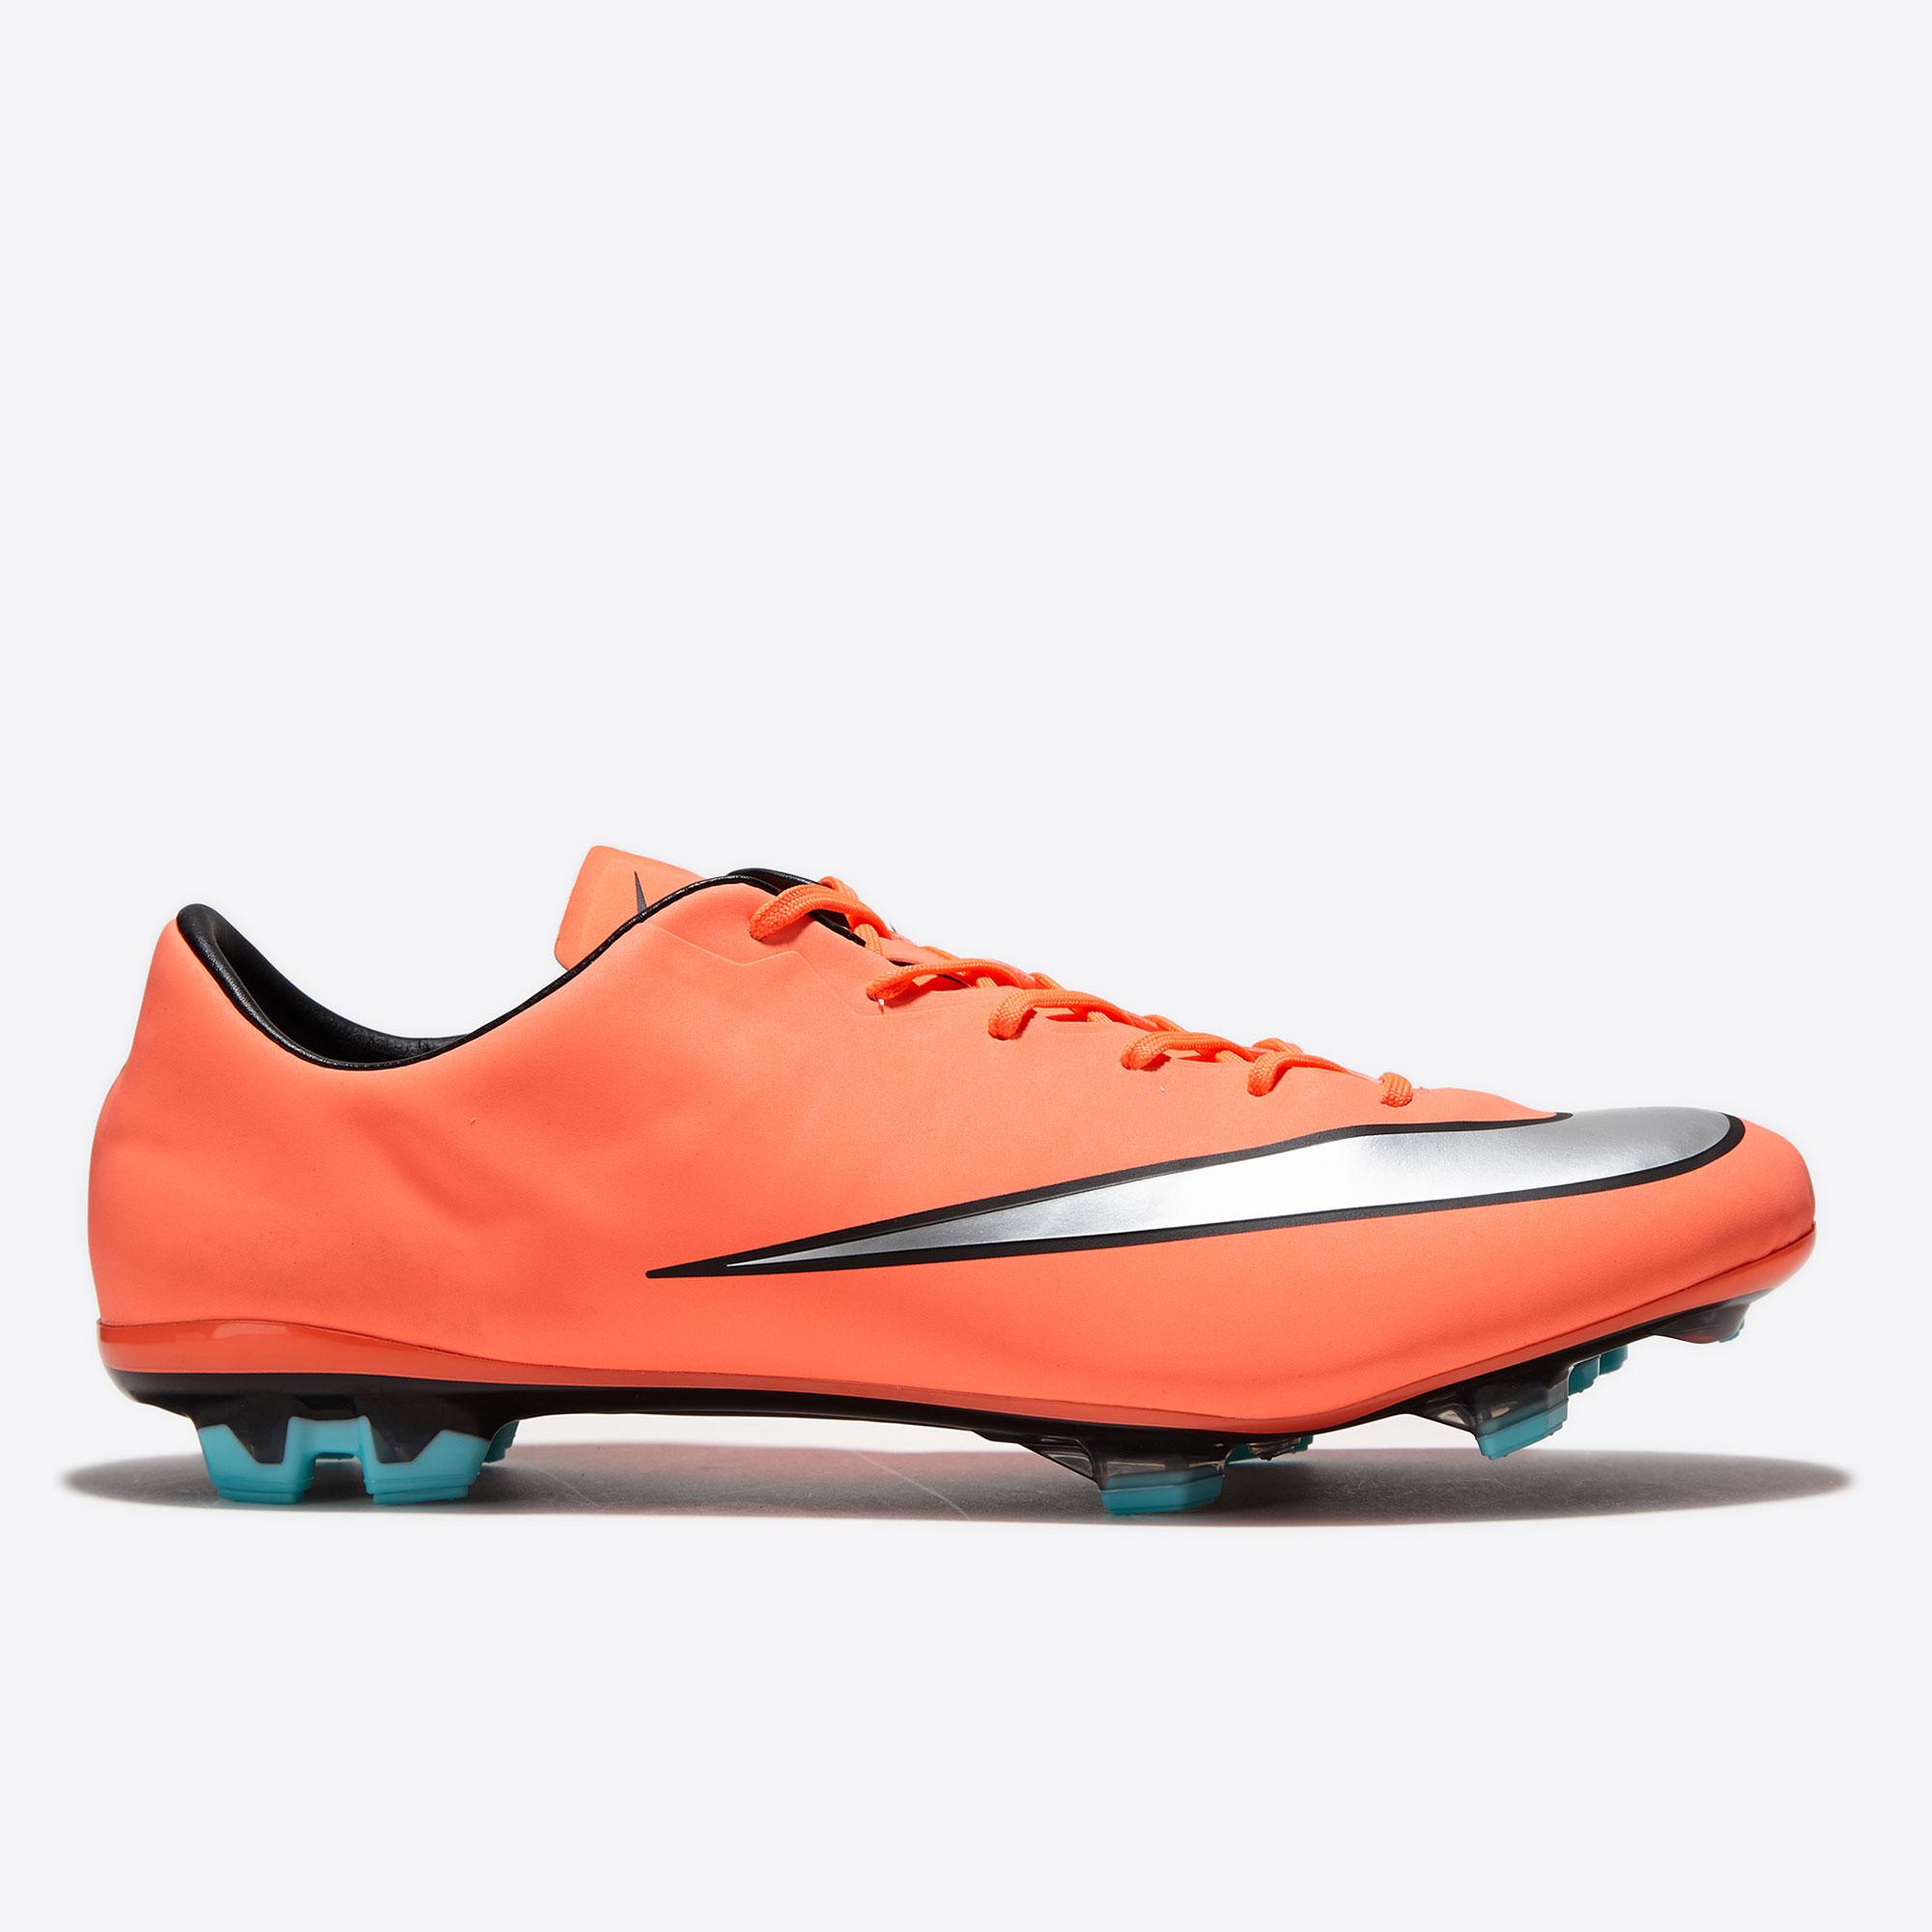 Nike Mercurial Veloce Ii FG Orange